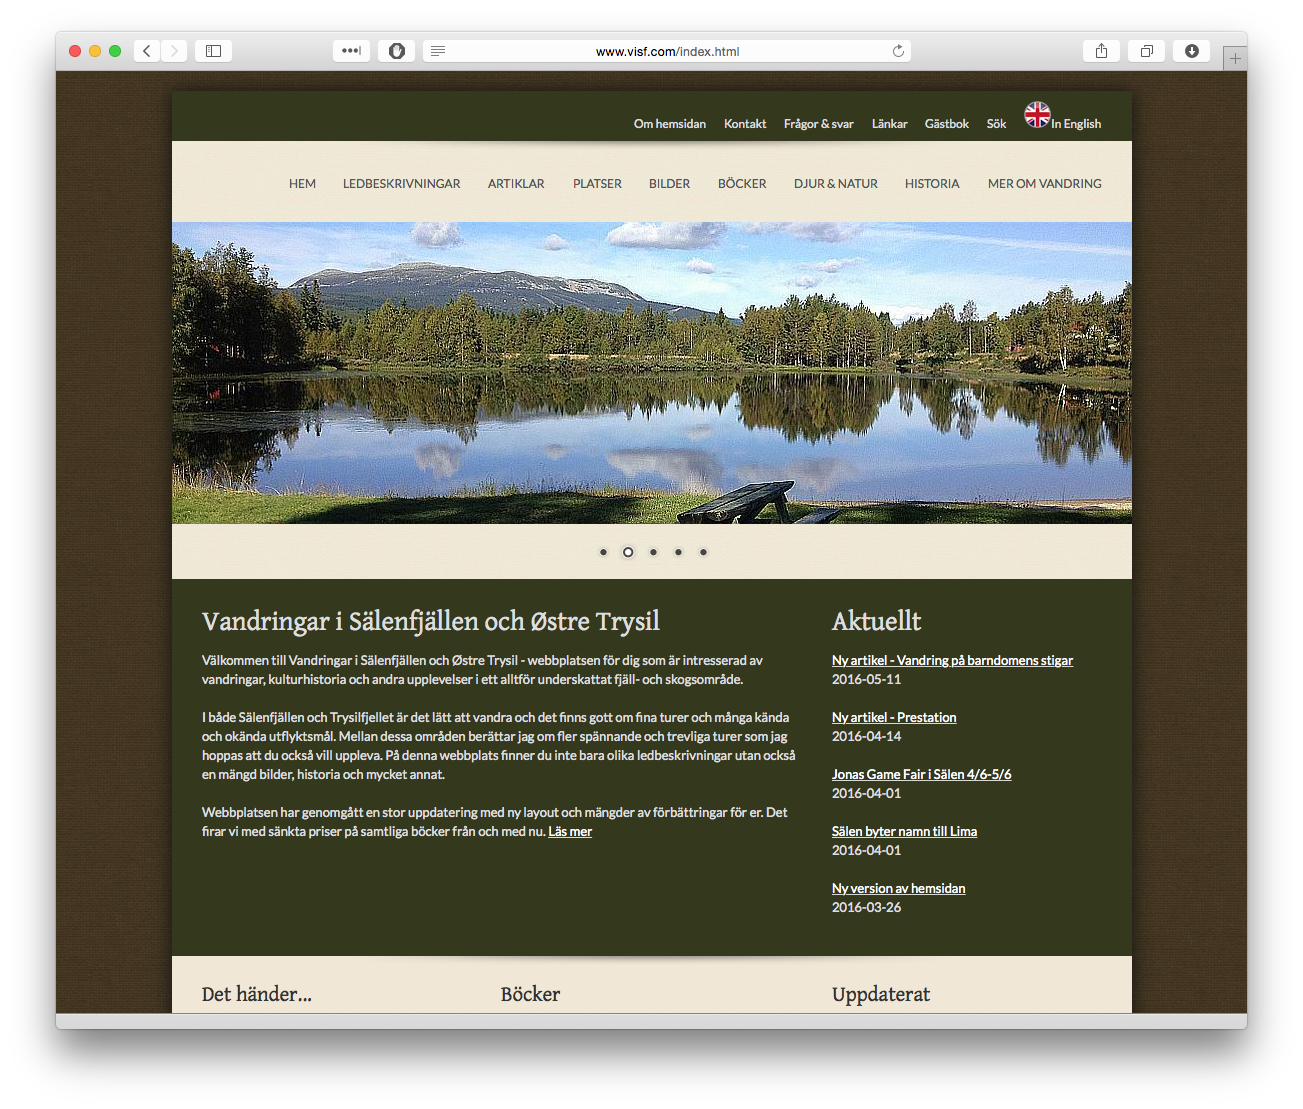 Information om vandringar i Trysil och Sälenfjällen